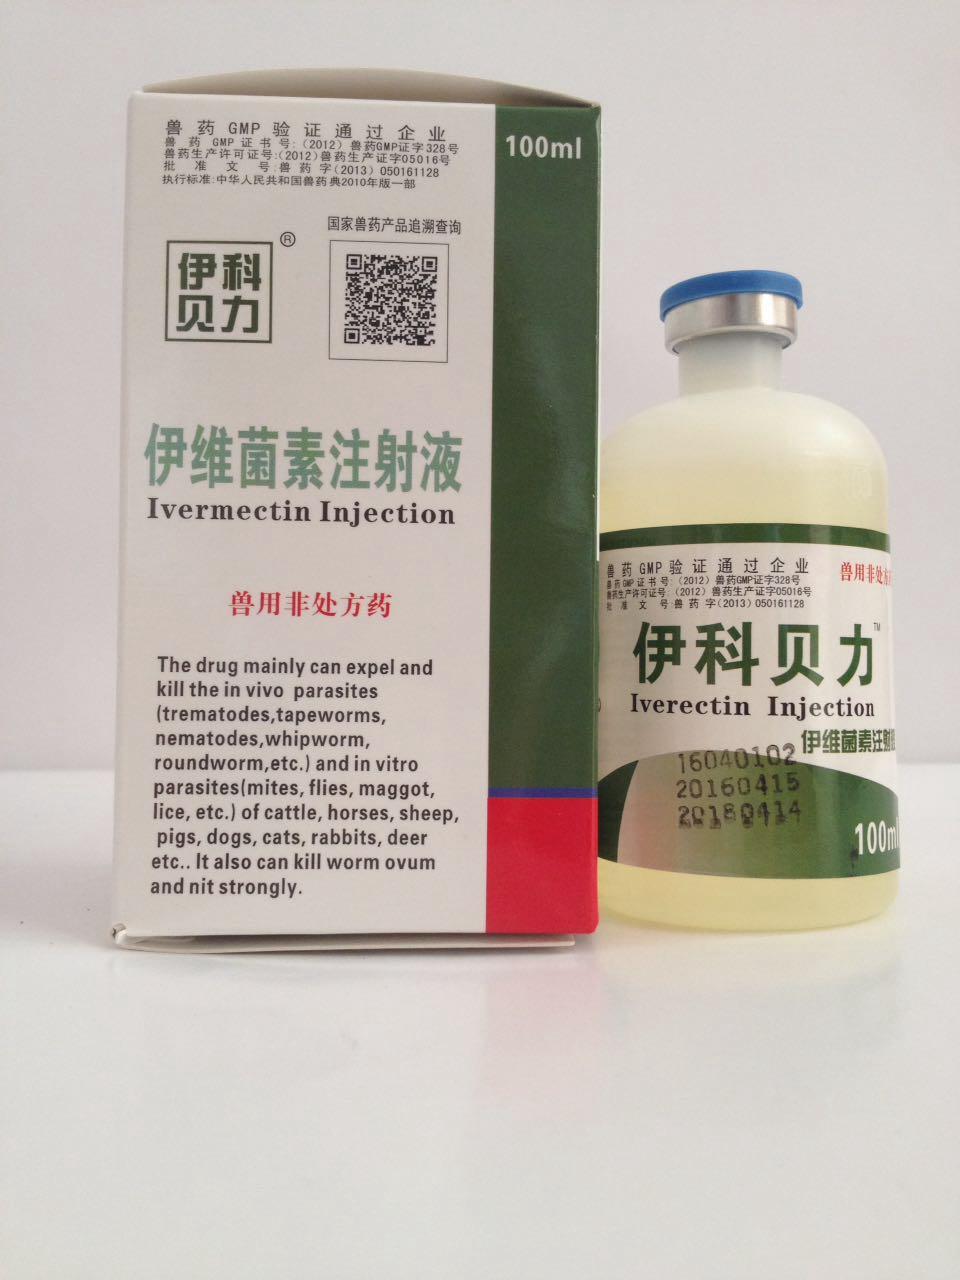 伊维菌素注射液